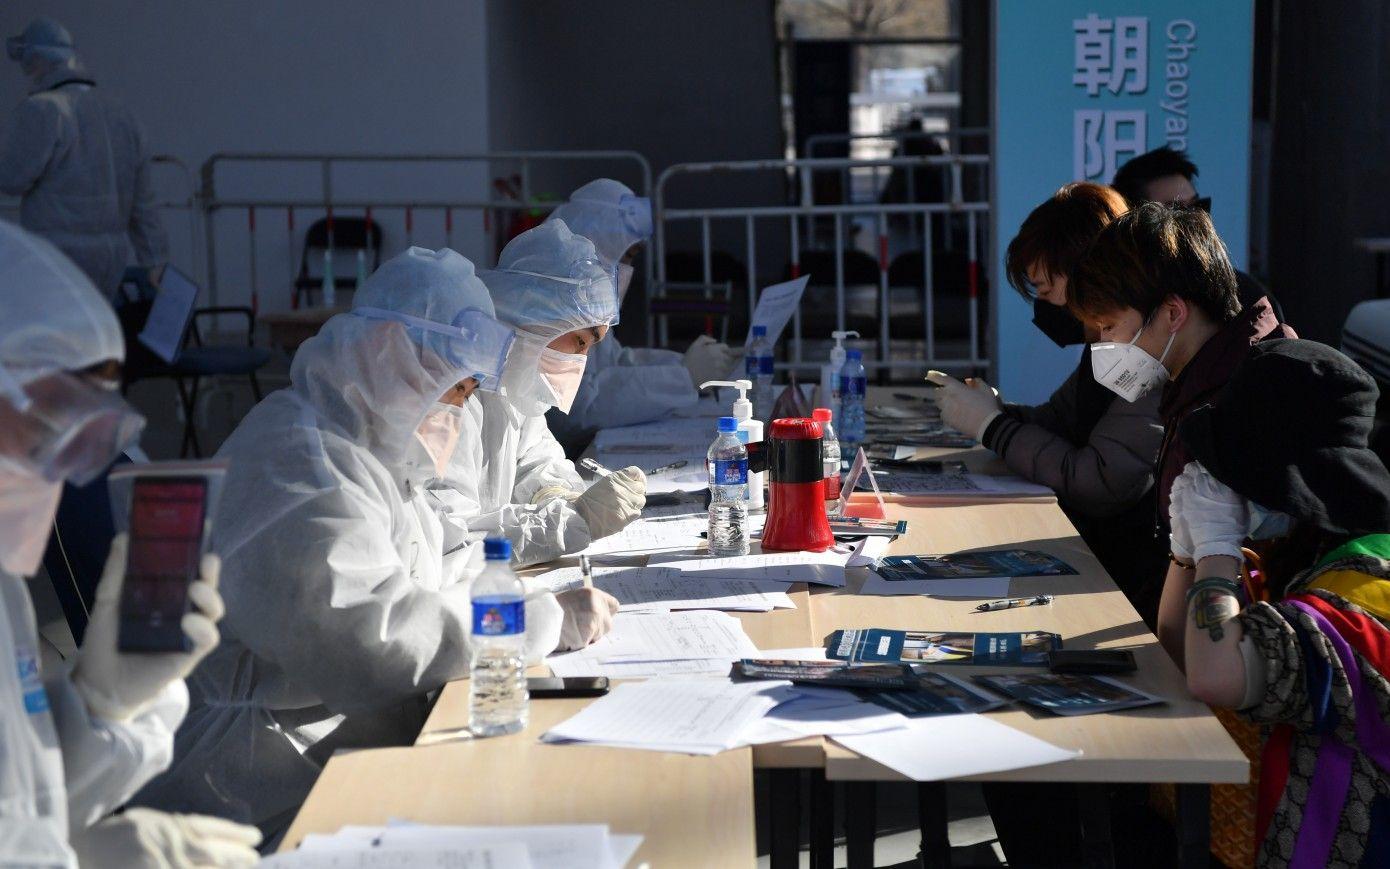 北京严查违规入境进京 多部门对这一问题明确表态图片